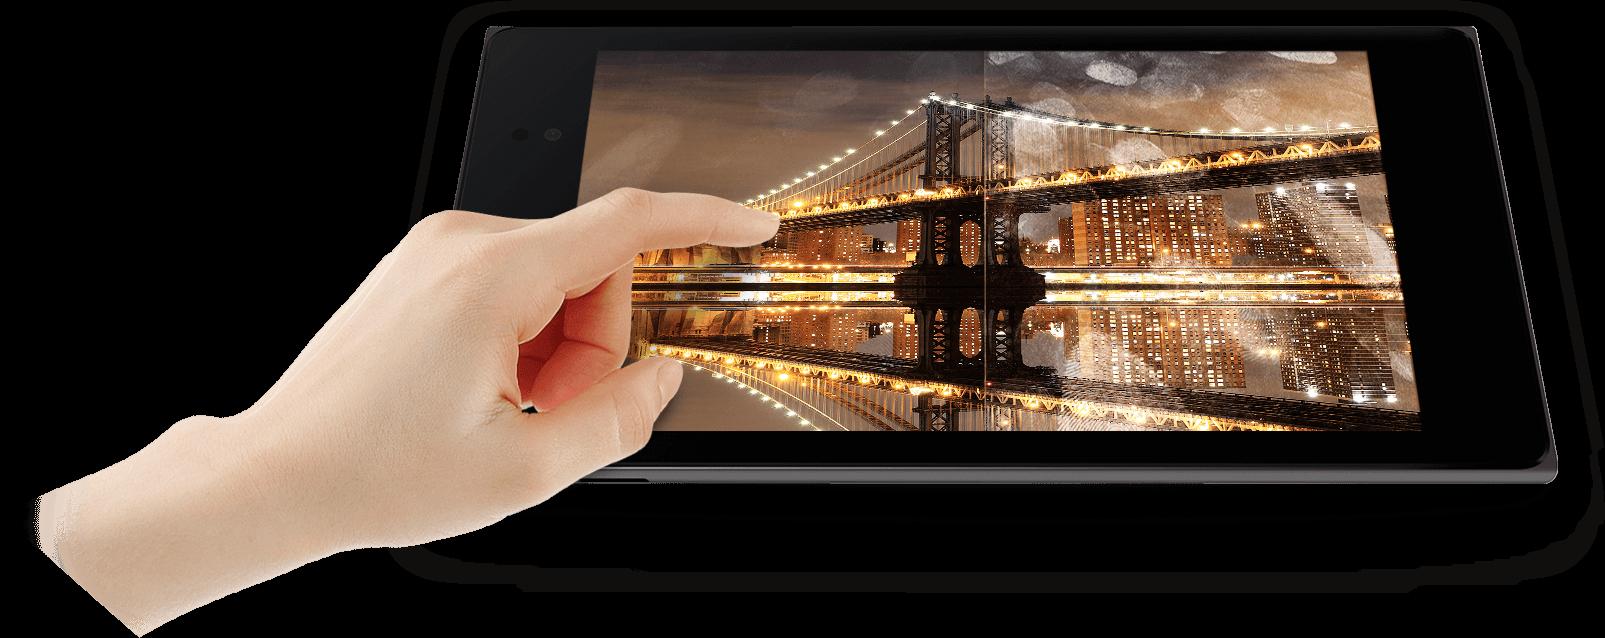 [ASUS ME572CL Memo pad 7 Tablet - Gold]